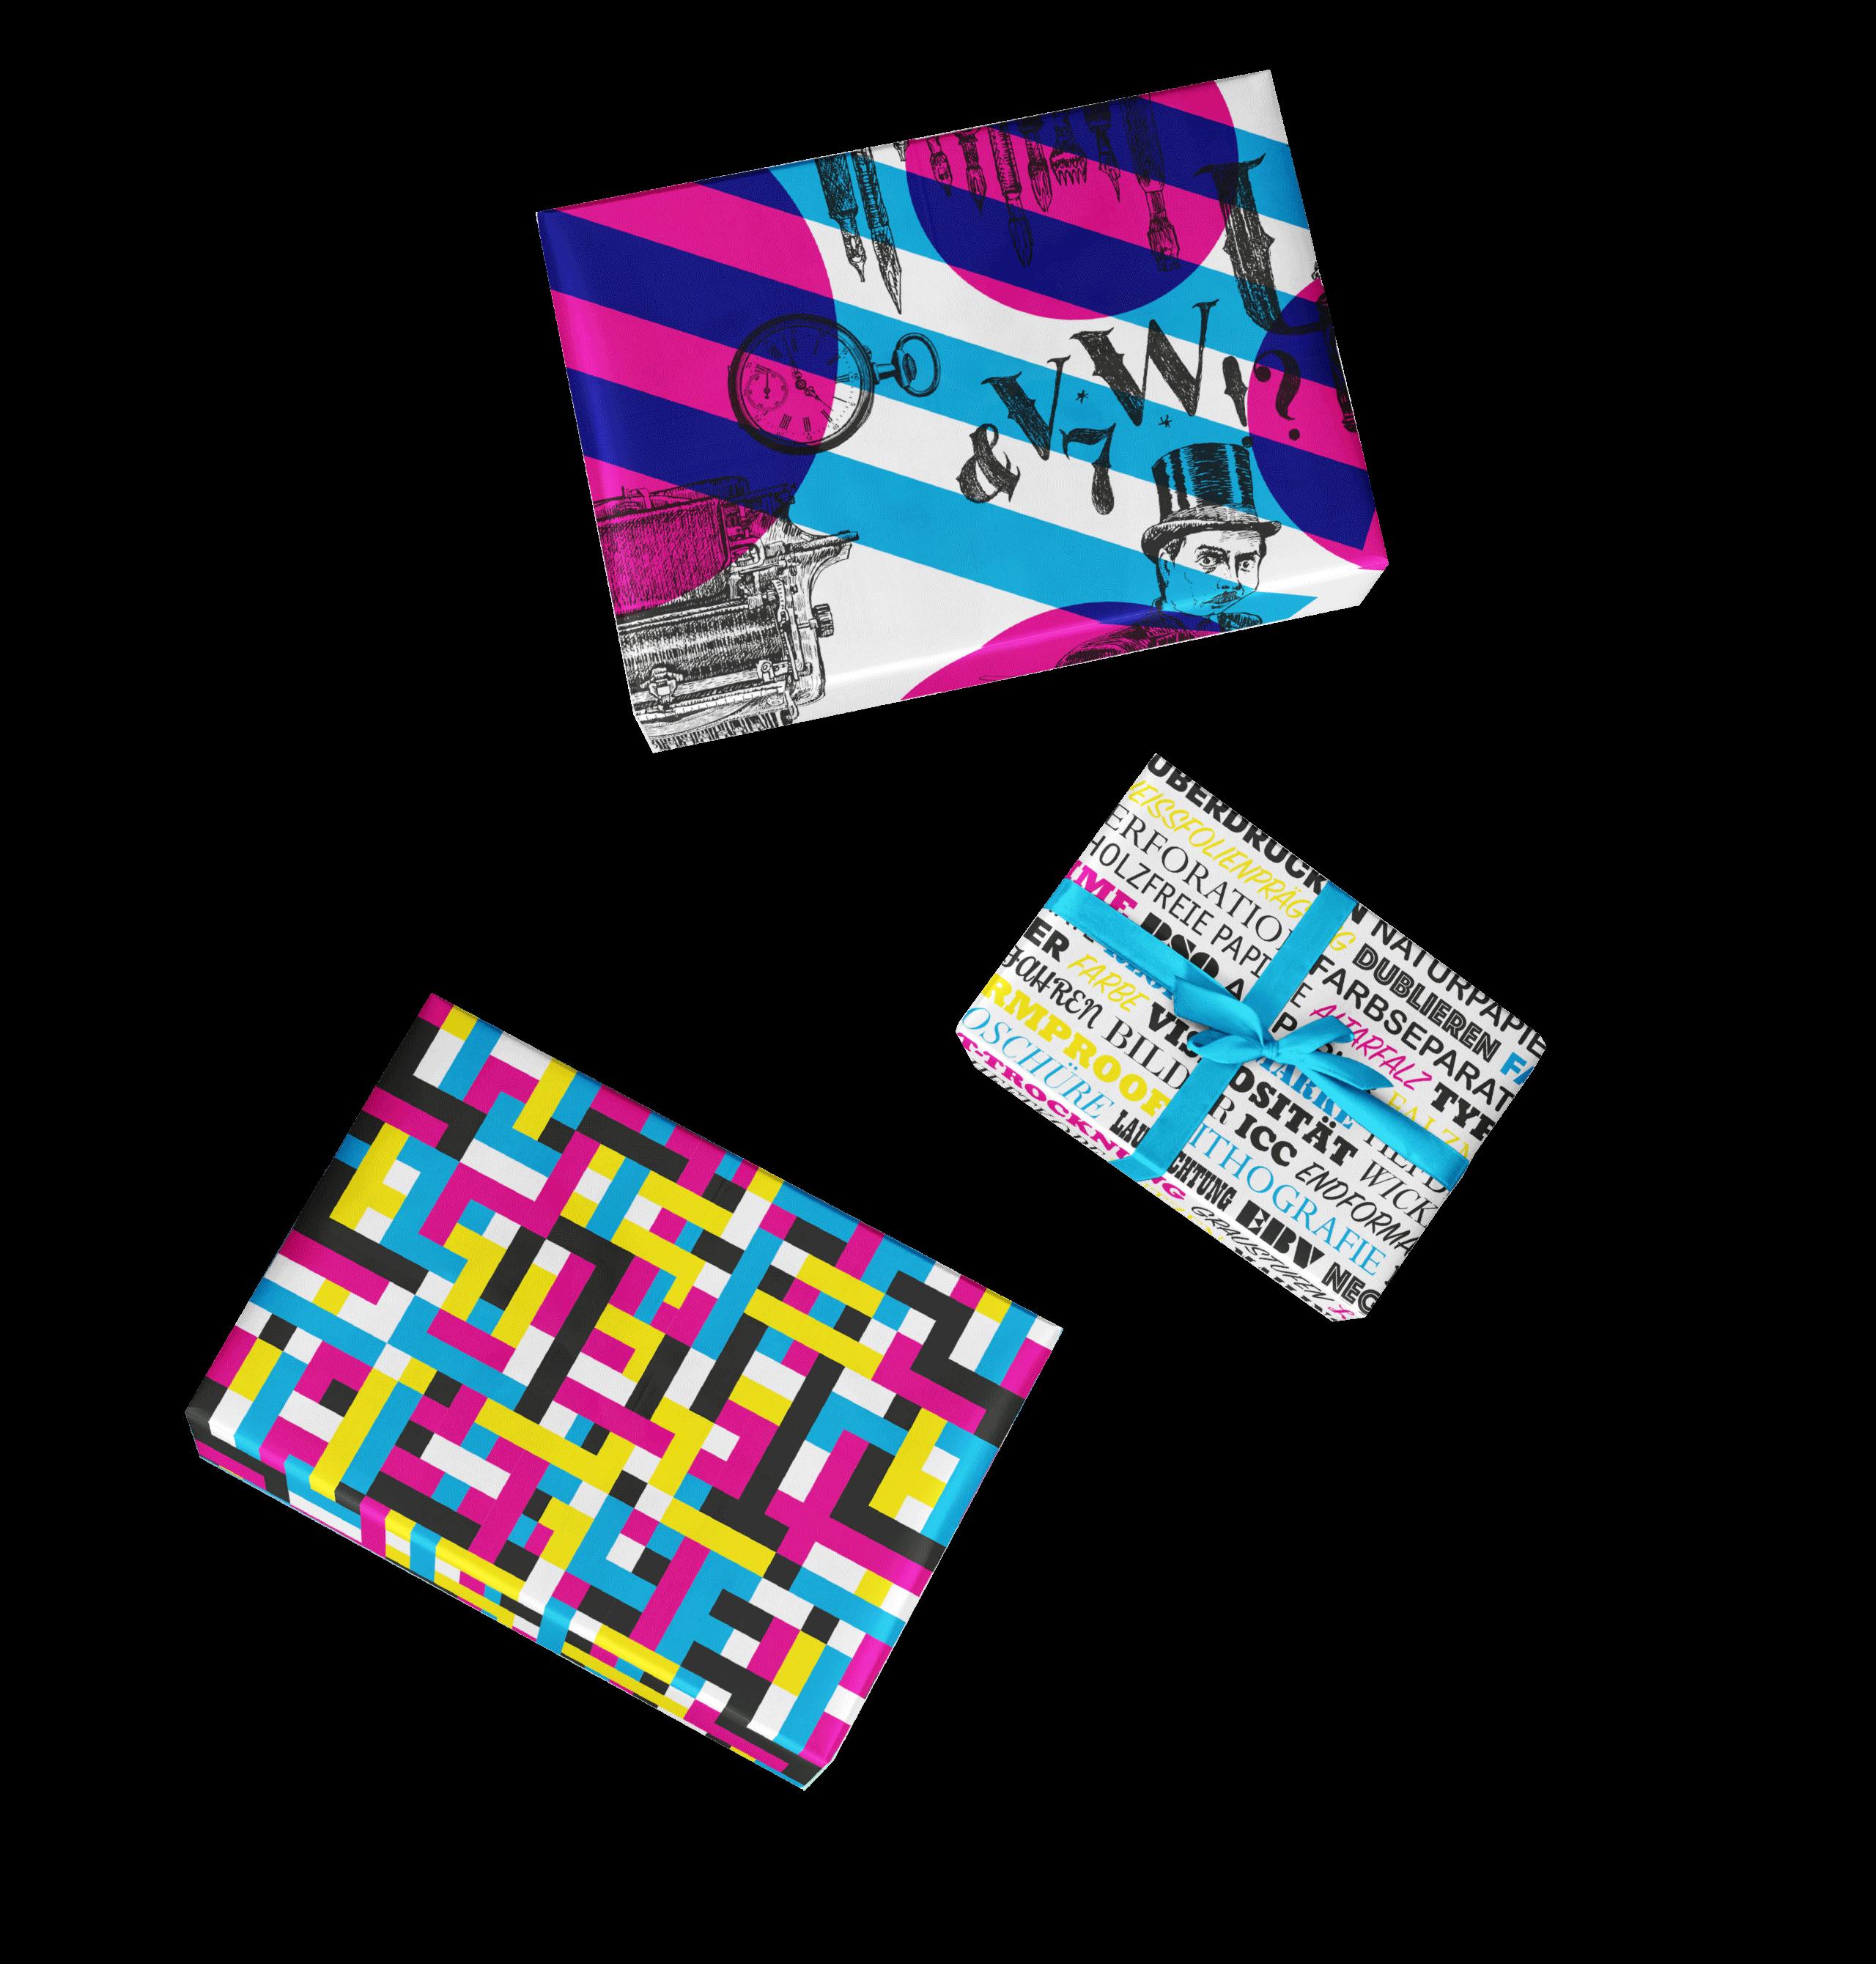 Ley + Wiegandt Geschenkpapier Geschenke Bourdonné Design